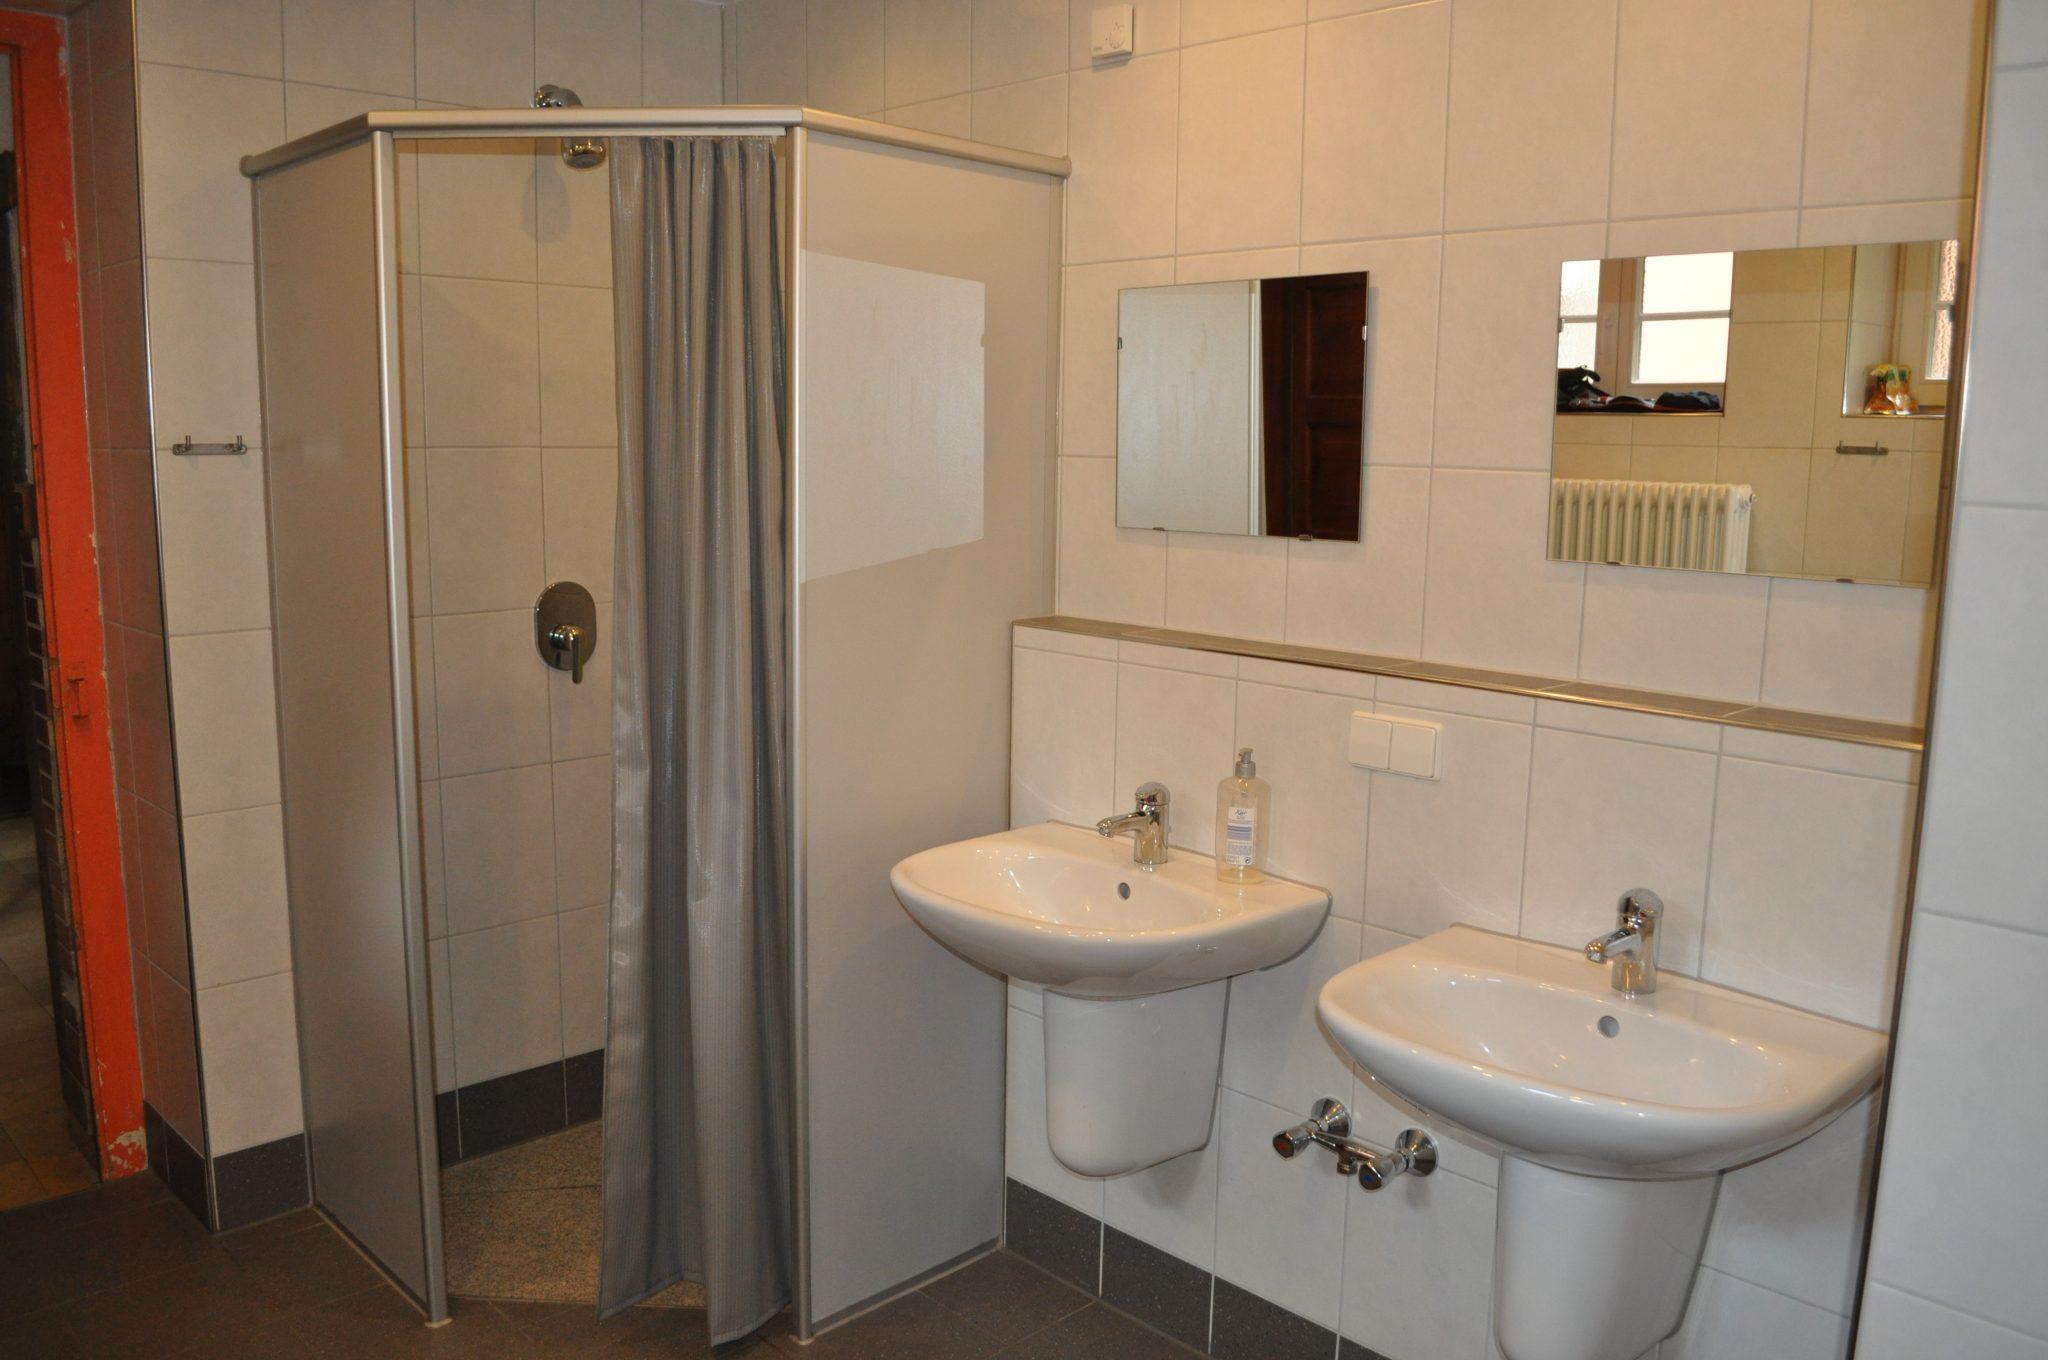 Toilette EG Maedchen, Dusche